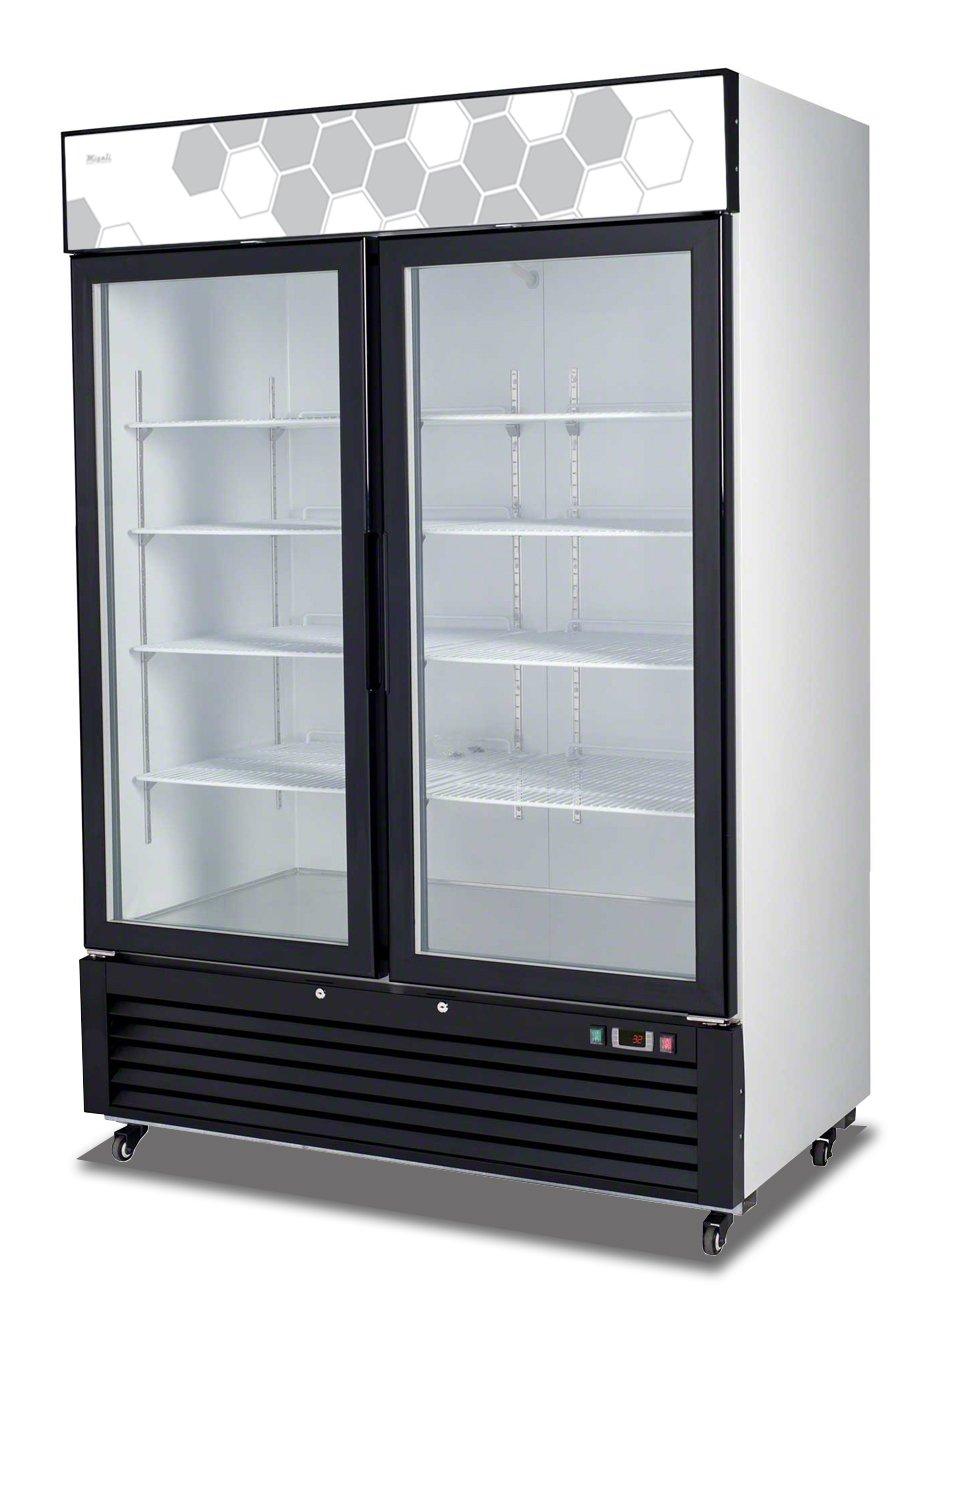 Migali C-49FM 49cu/ft Glass Door Merchandiser Freezer